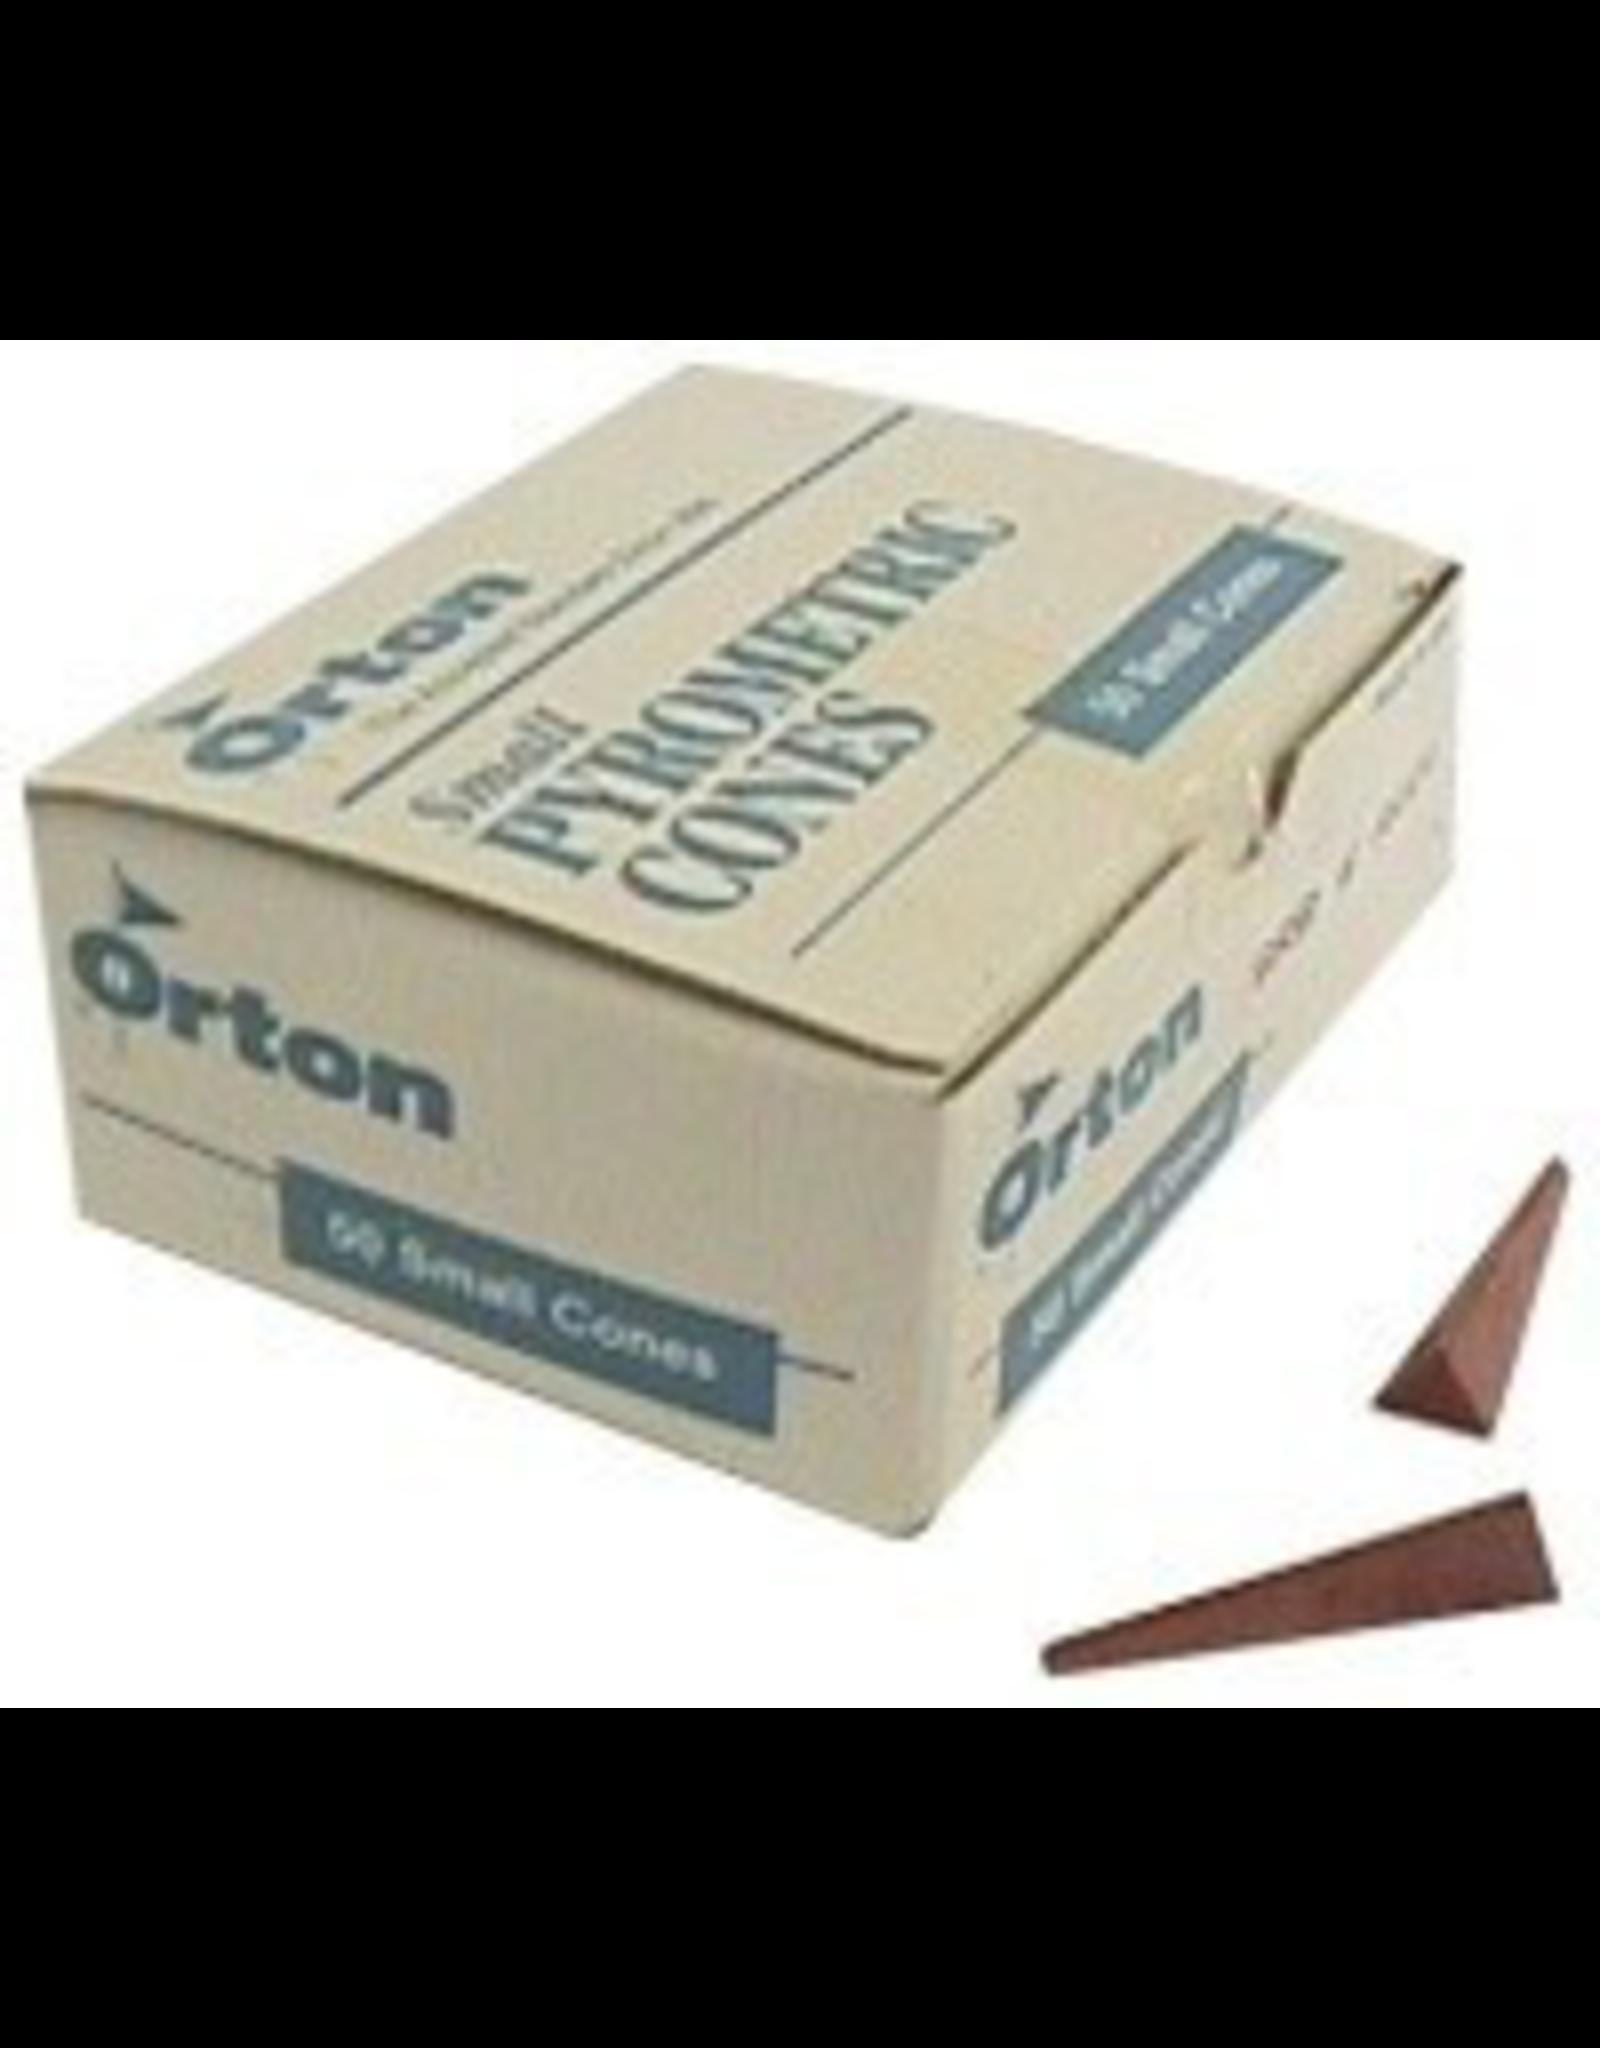 Orton Orton Midget Cone 8 10's